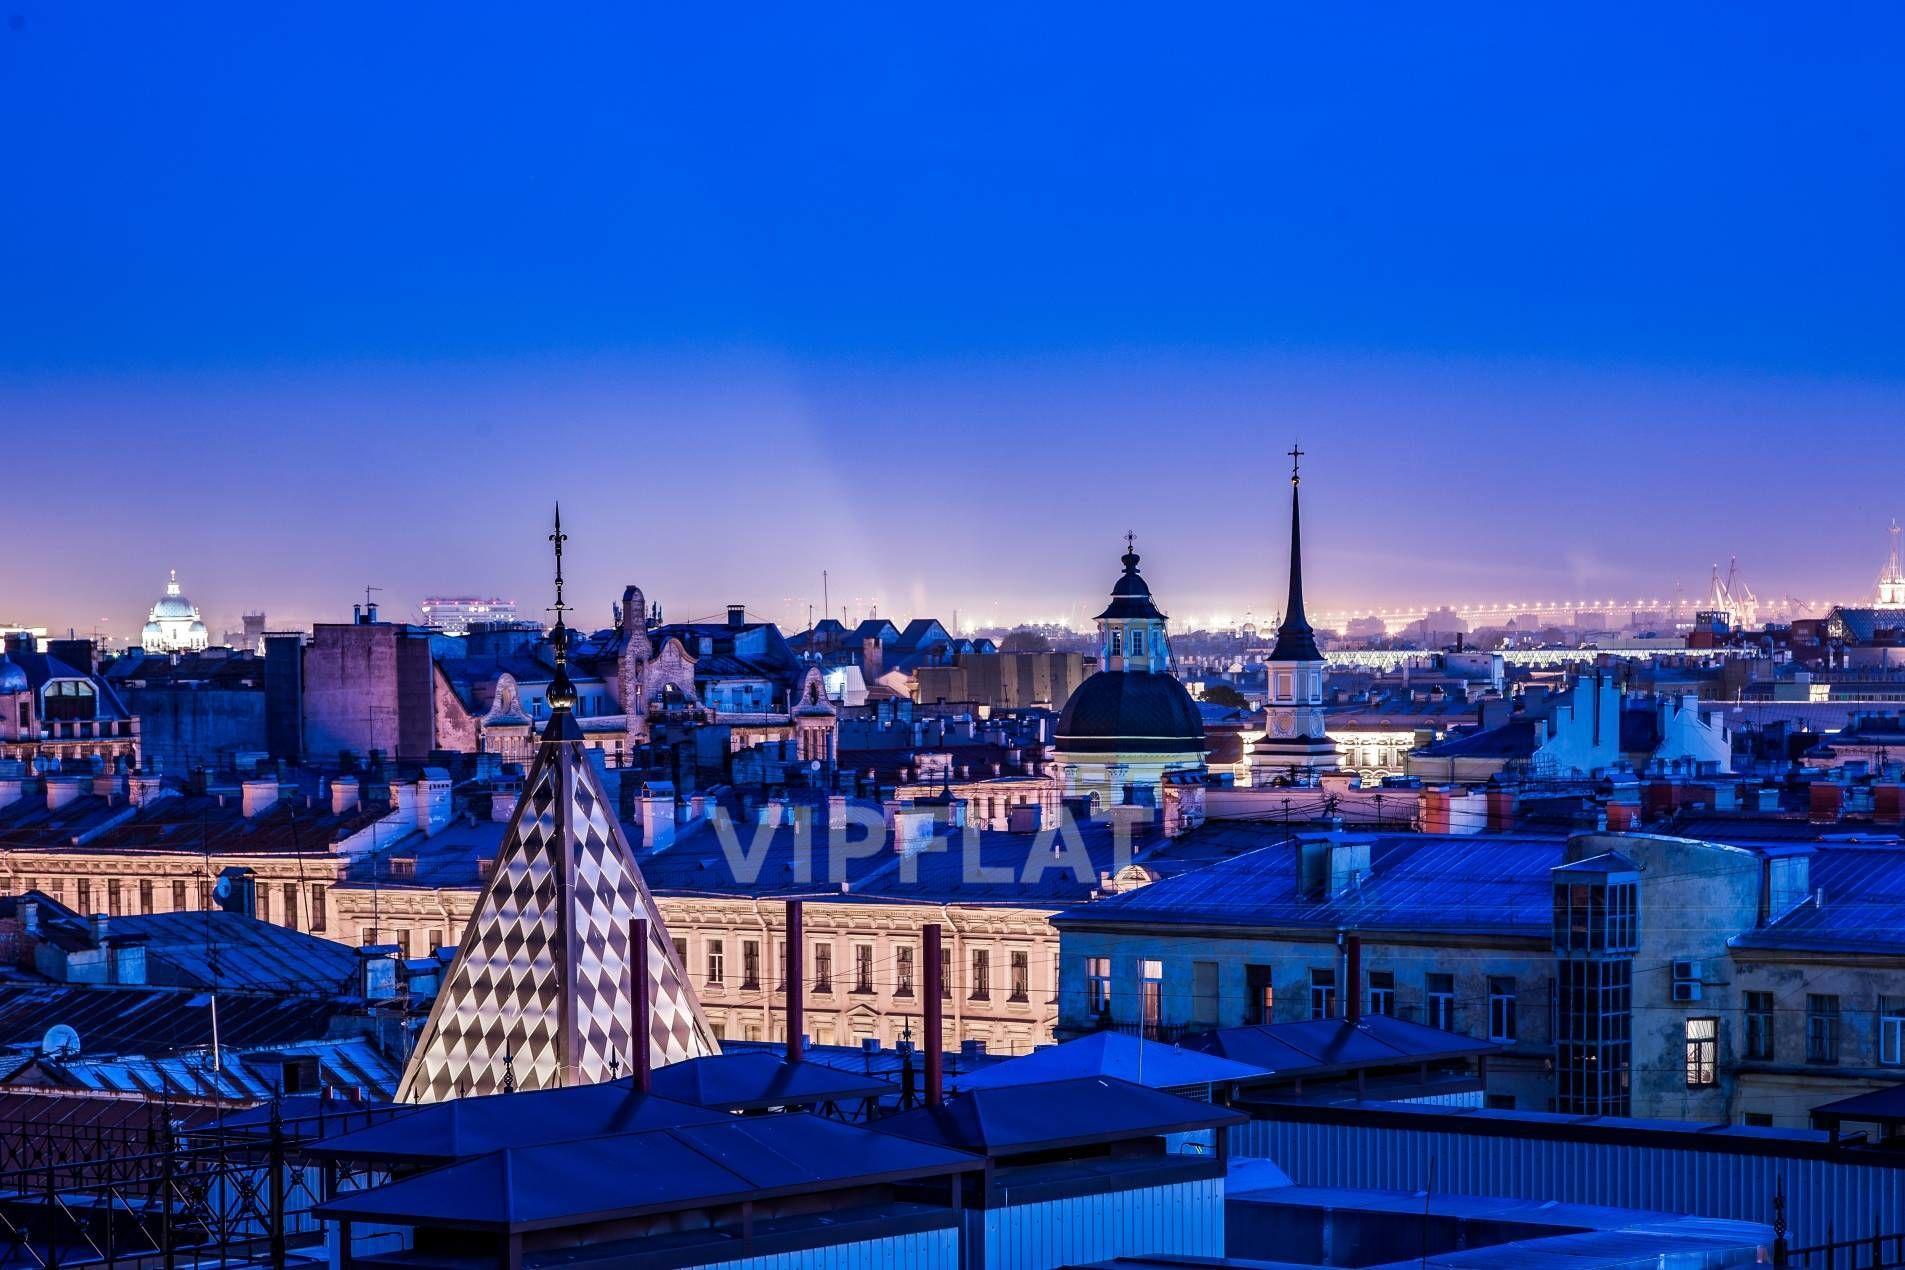 Продажа элитных квартир Санкт-Петербурга. Басков пер., 2 Сказочный вид с верхних этажей